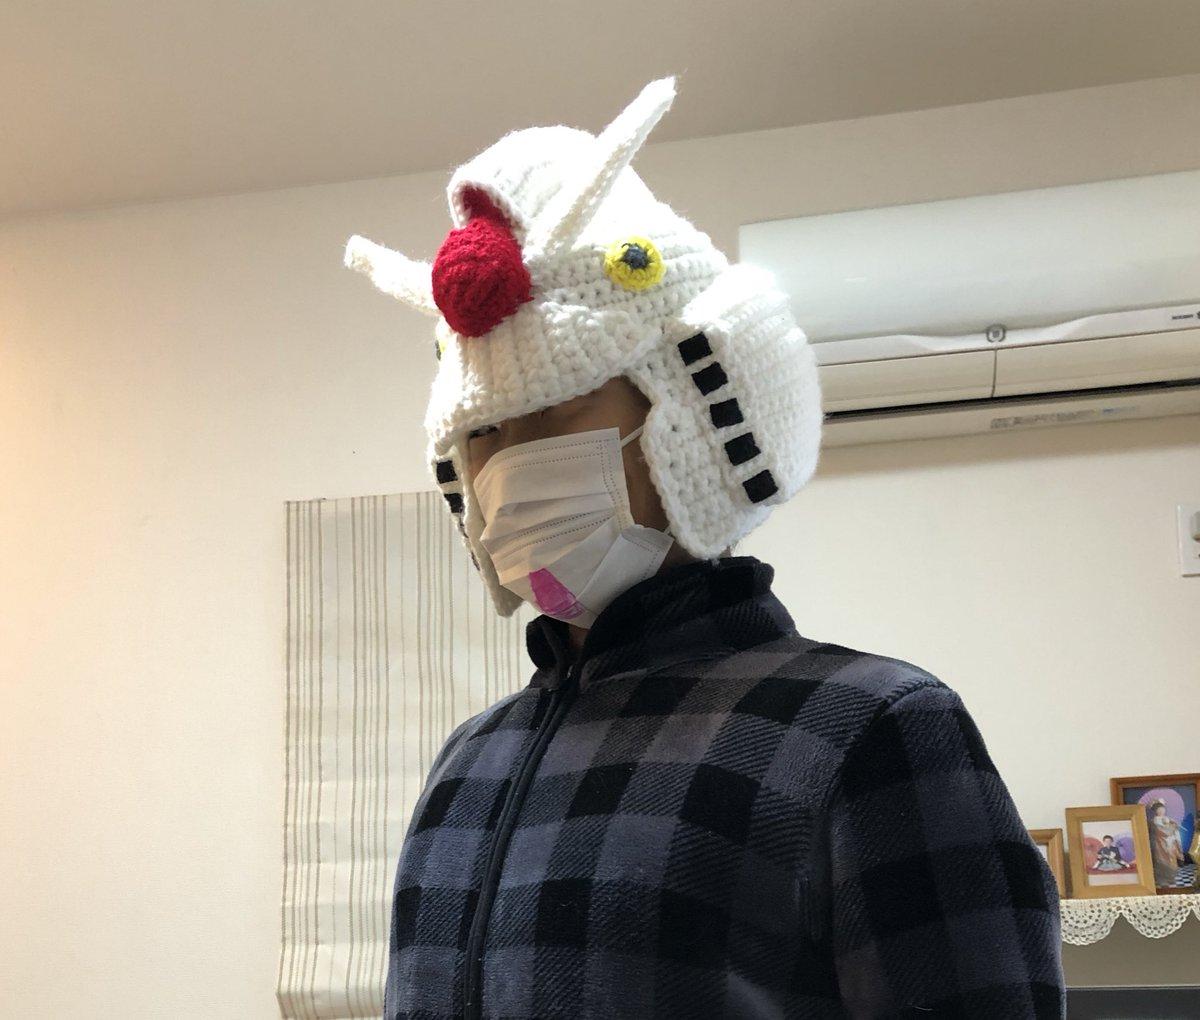 被れば誰でもガンダムに!?編み物でできた初代ガンダムの帽子がとてもガンダム